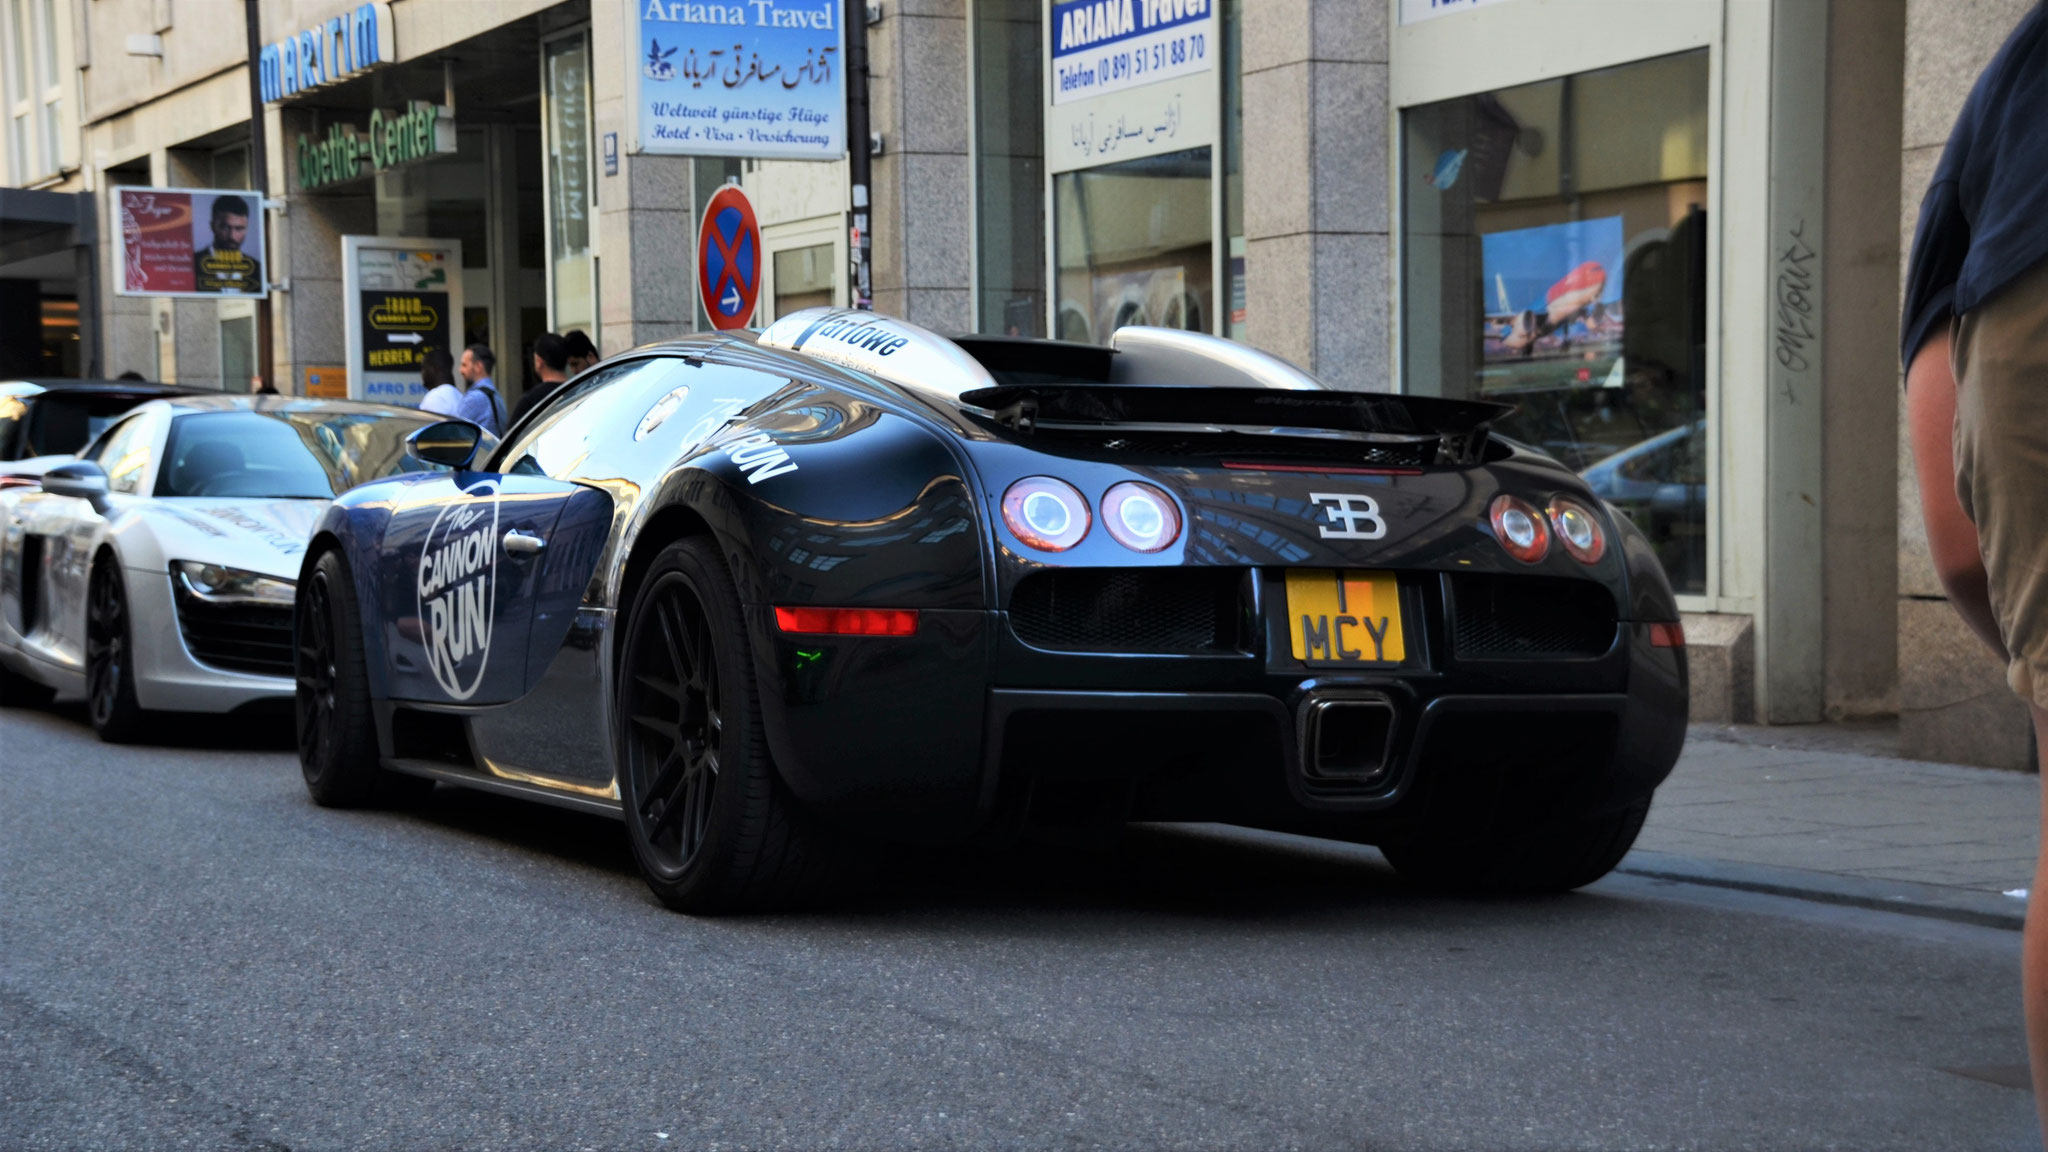 Bugatti Veyron 16.4 - I-MCY (GB)